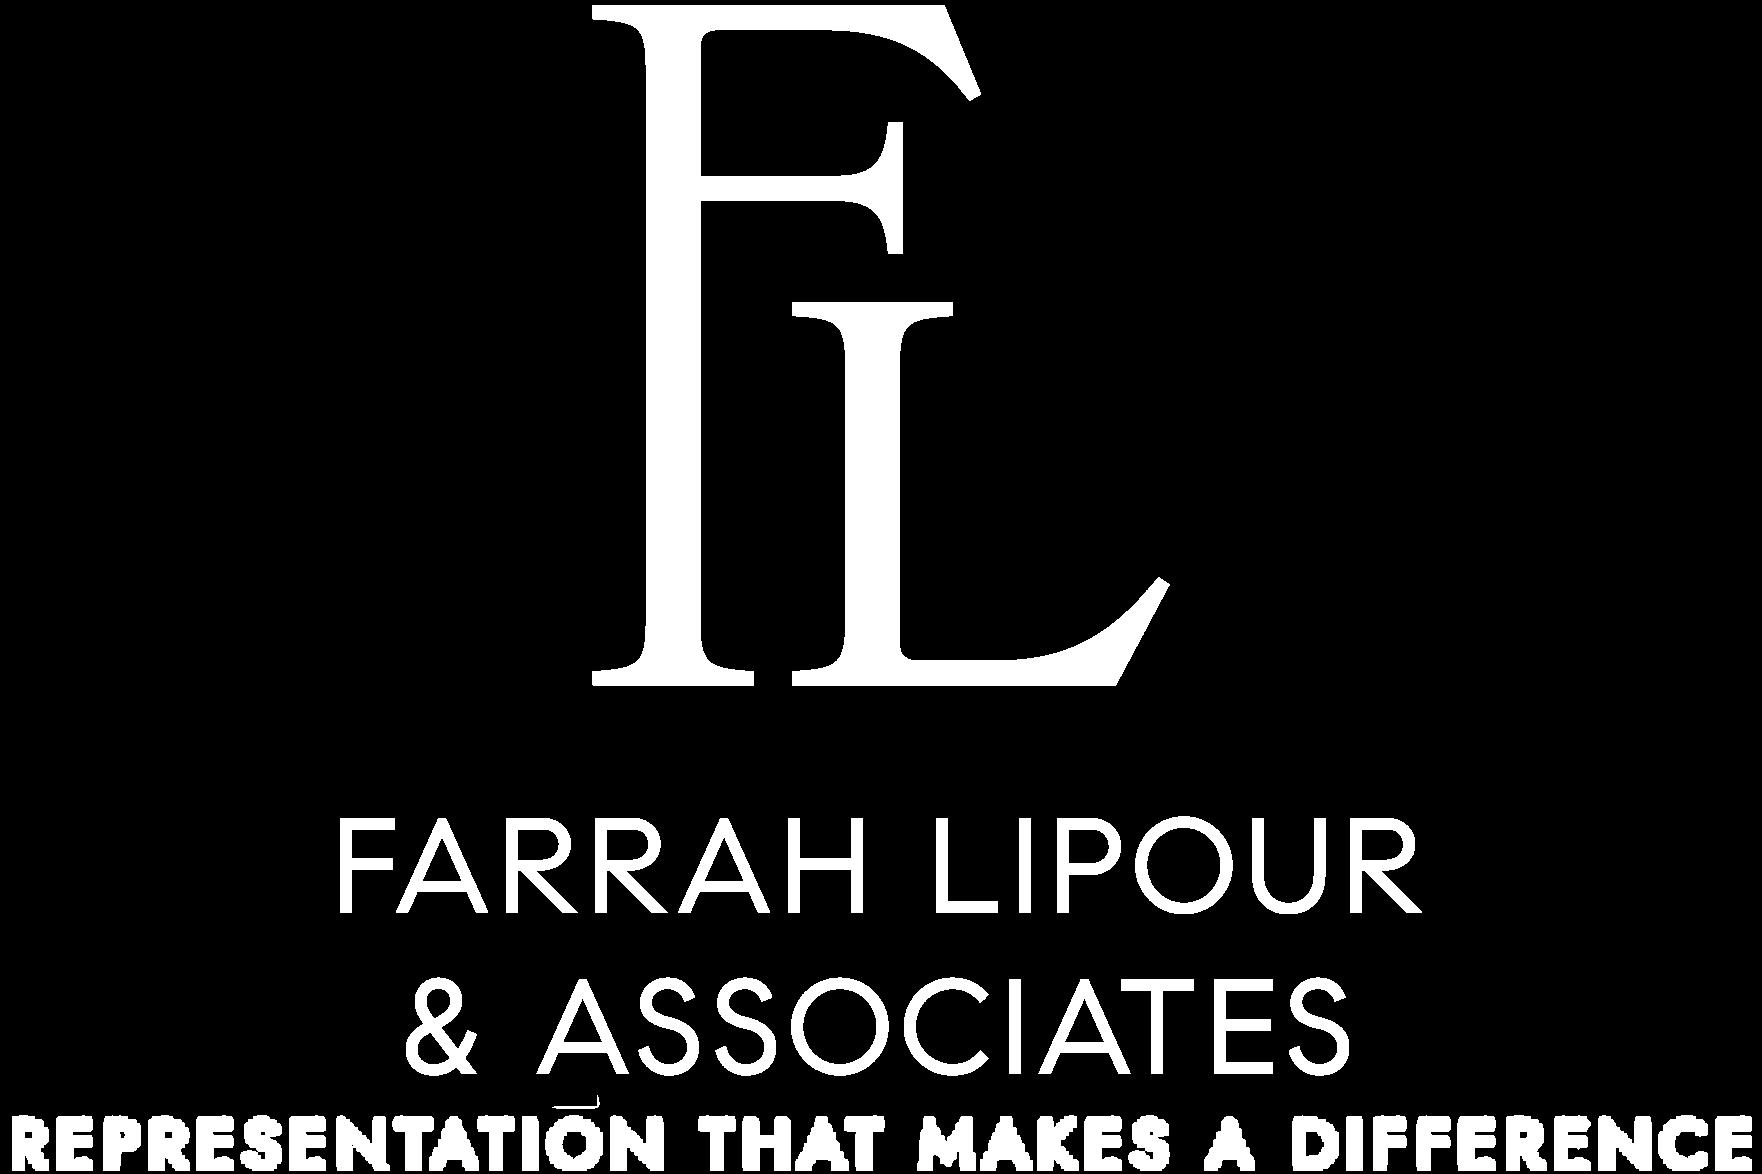 Farrah Lipour & Associates